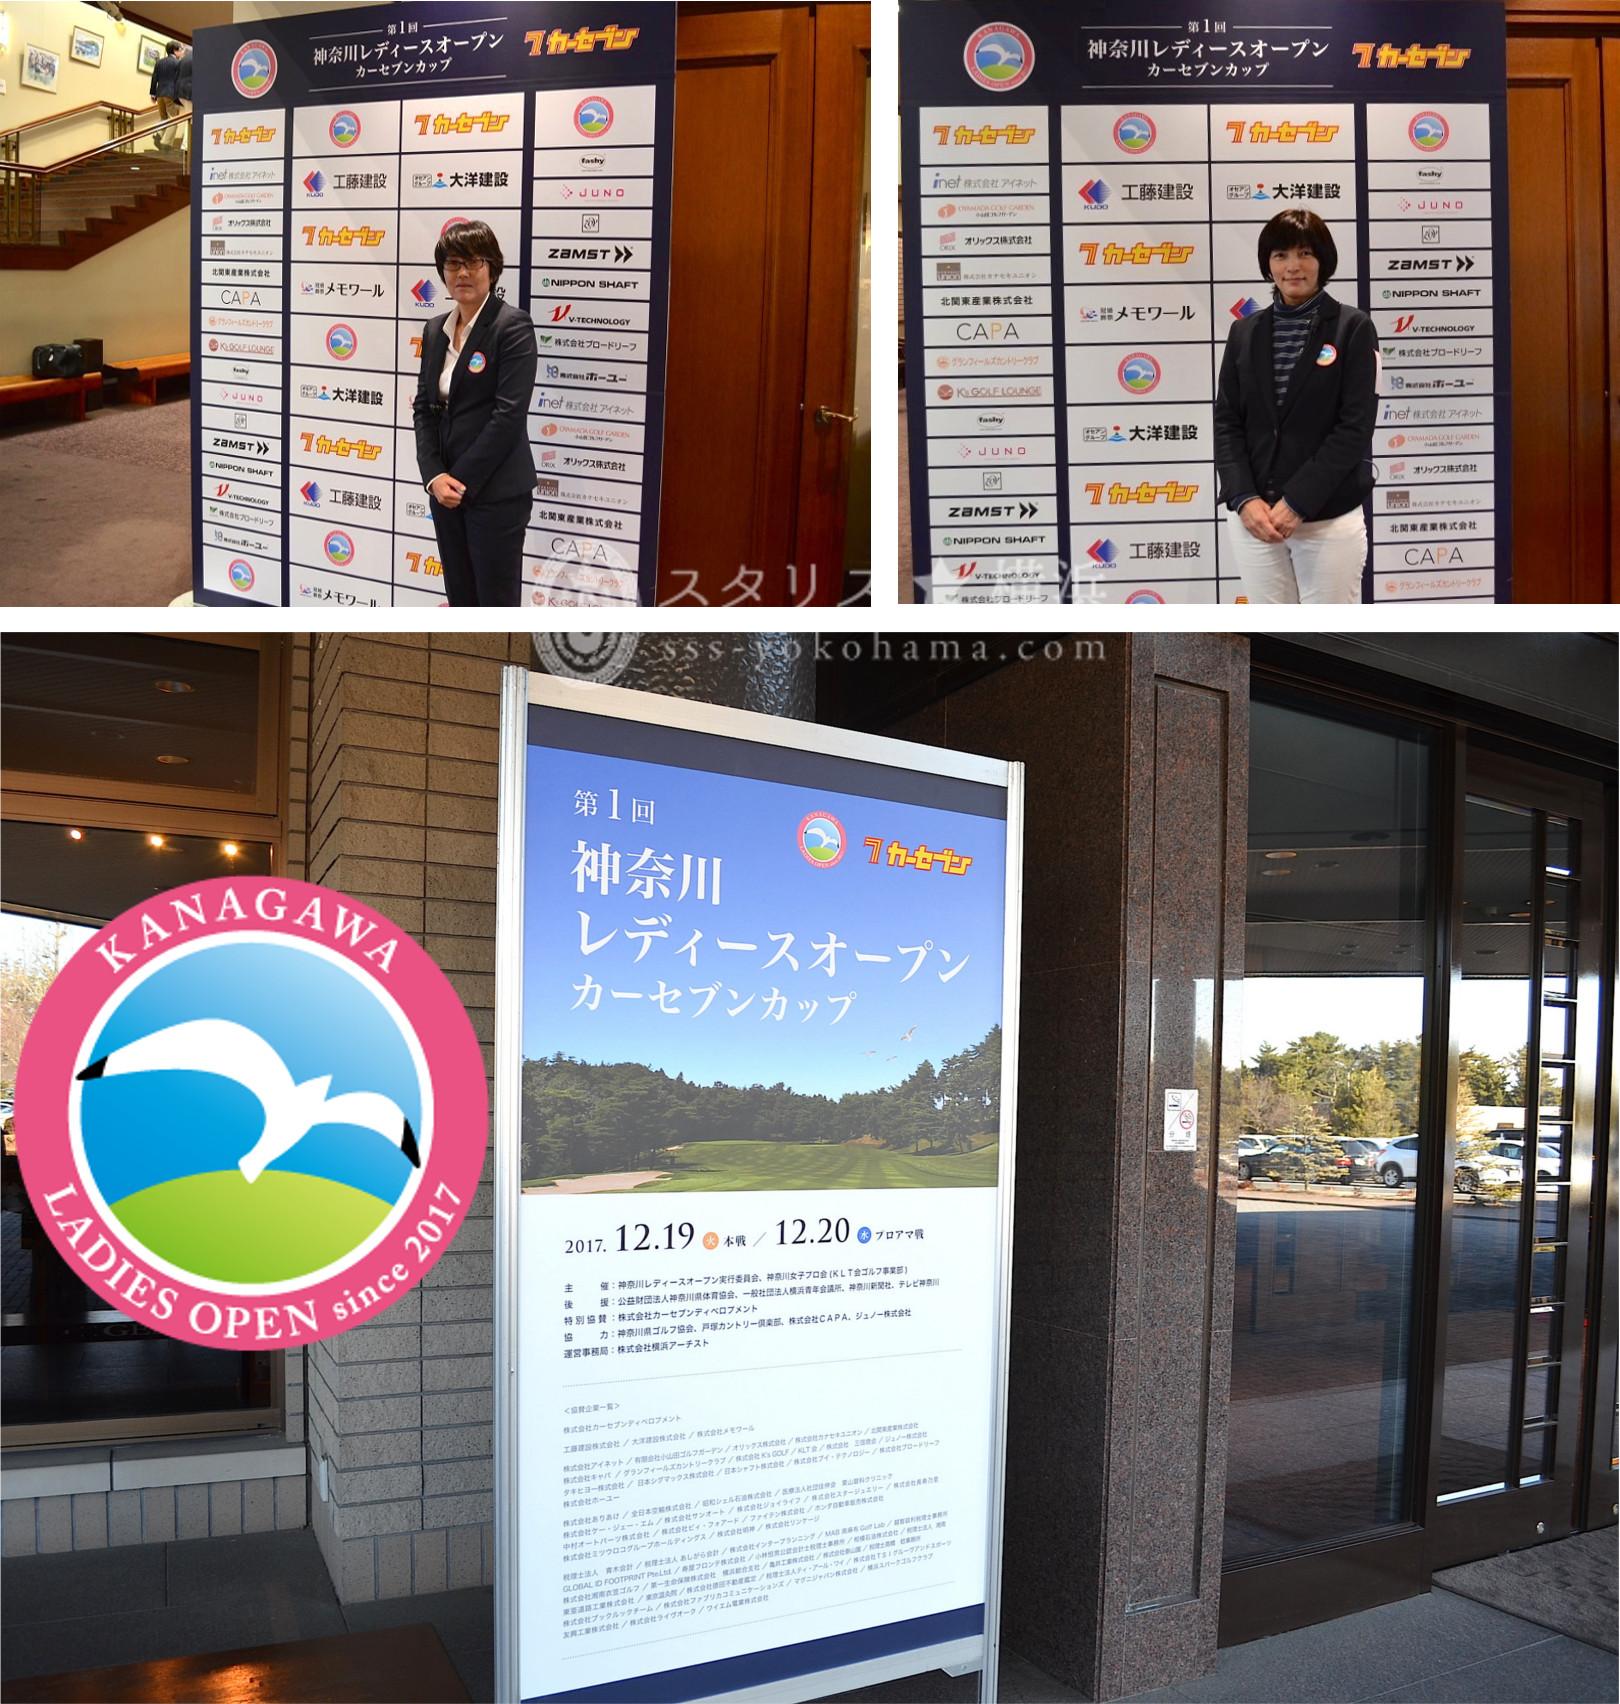 神奈川レディースオープン 横浜大人女子向けメディア